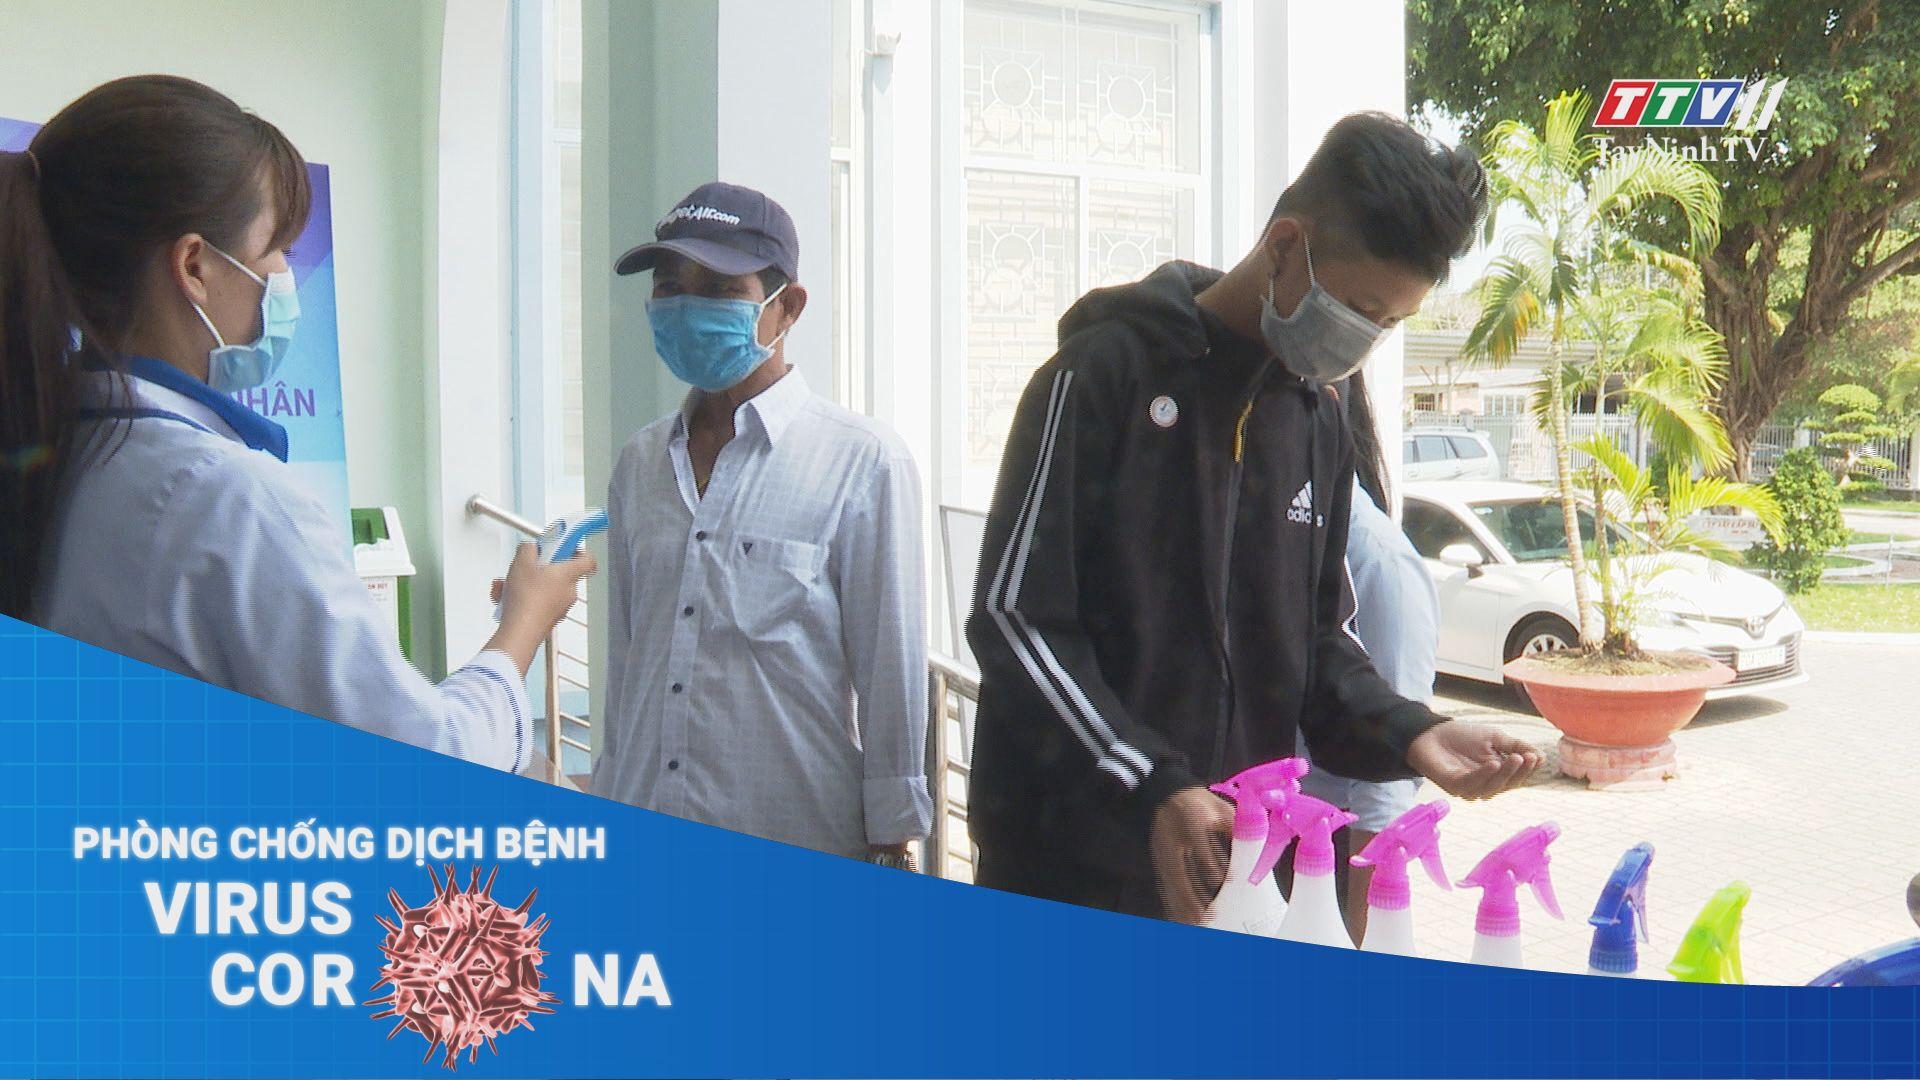 Cơ quan, đơn vị thực hiện nghiêm việc đeo khẩu trang | THÔNG TIN DỊCH COVID-19 | TayNinhTV